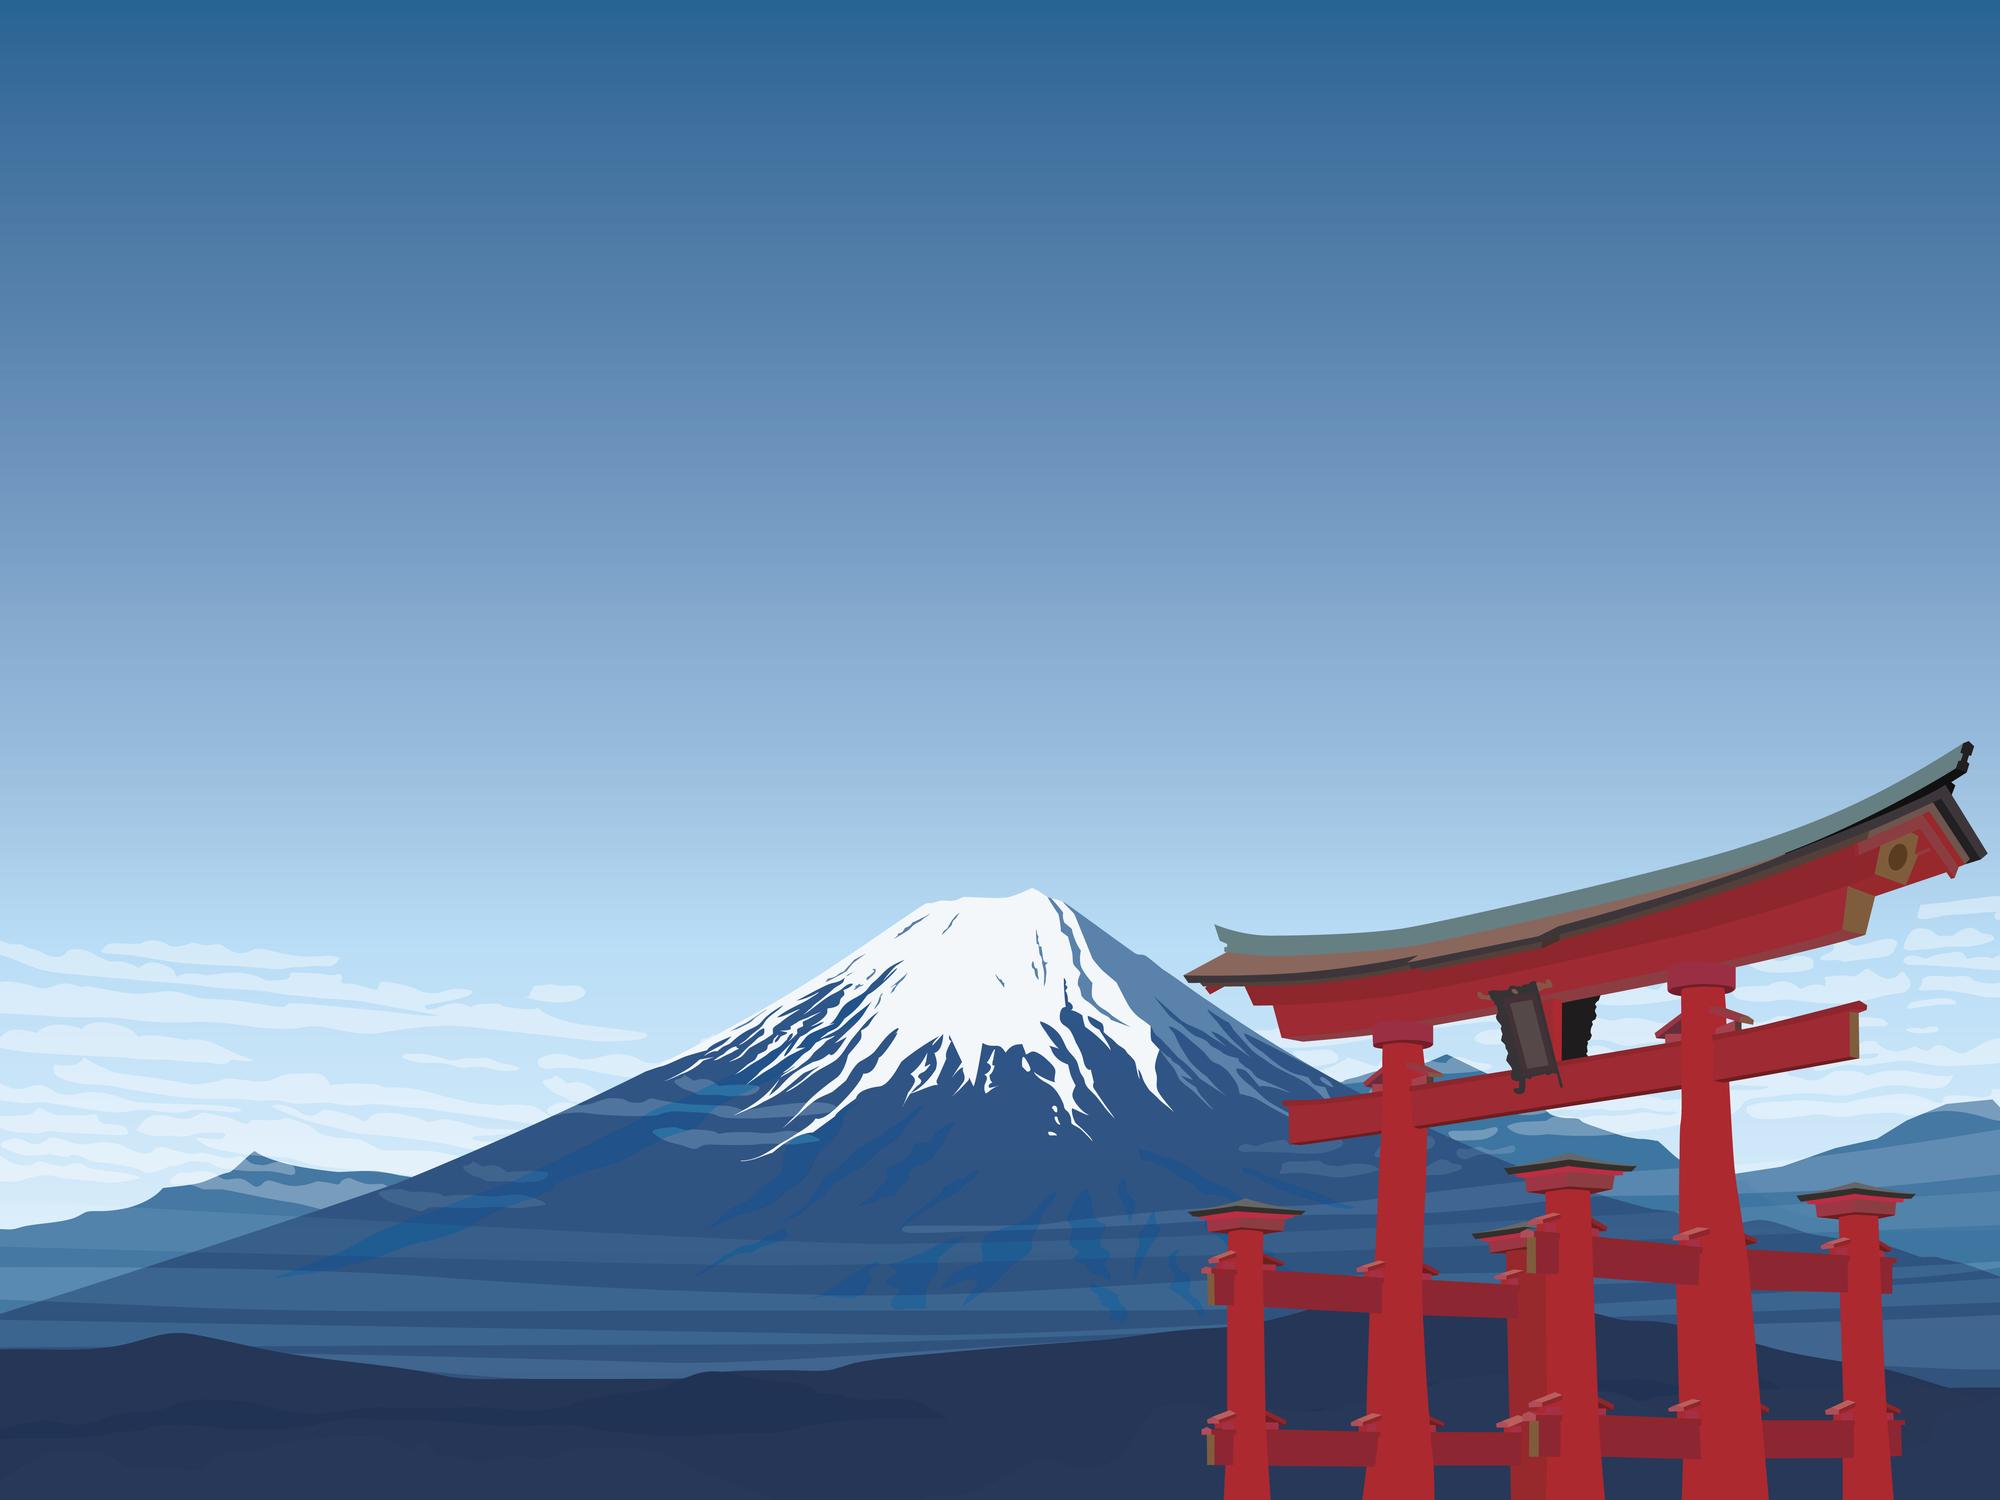 大嘗祭30億円の国費の是非から「日本の在り方」を考察する時代へ